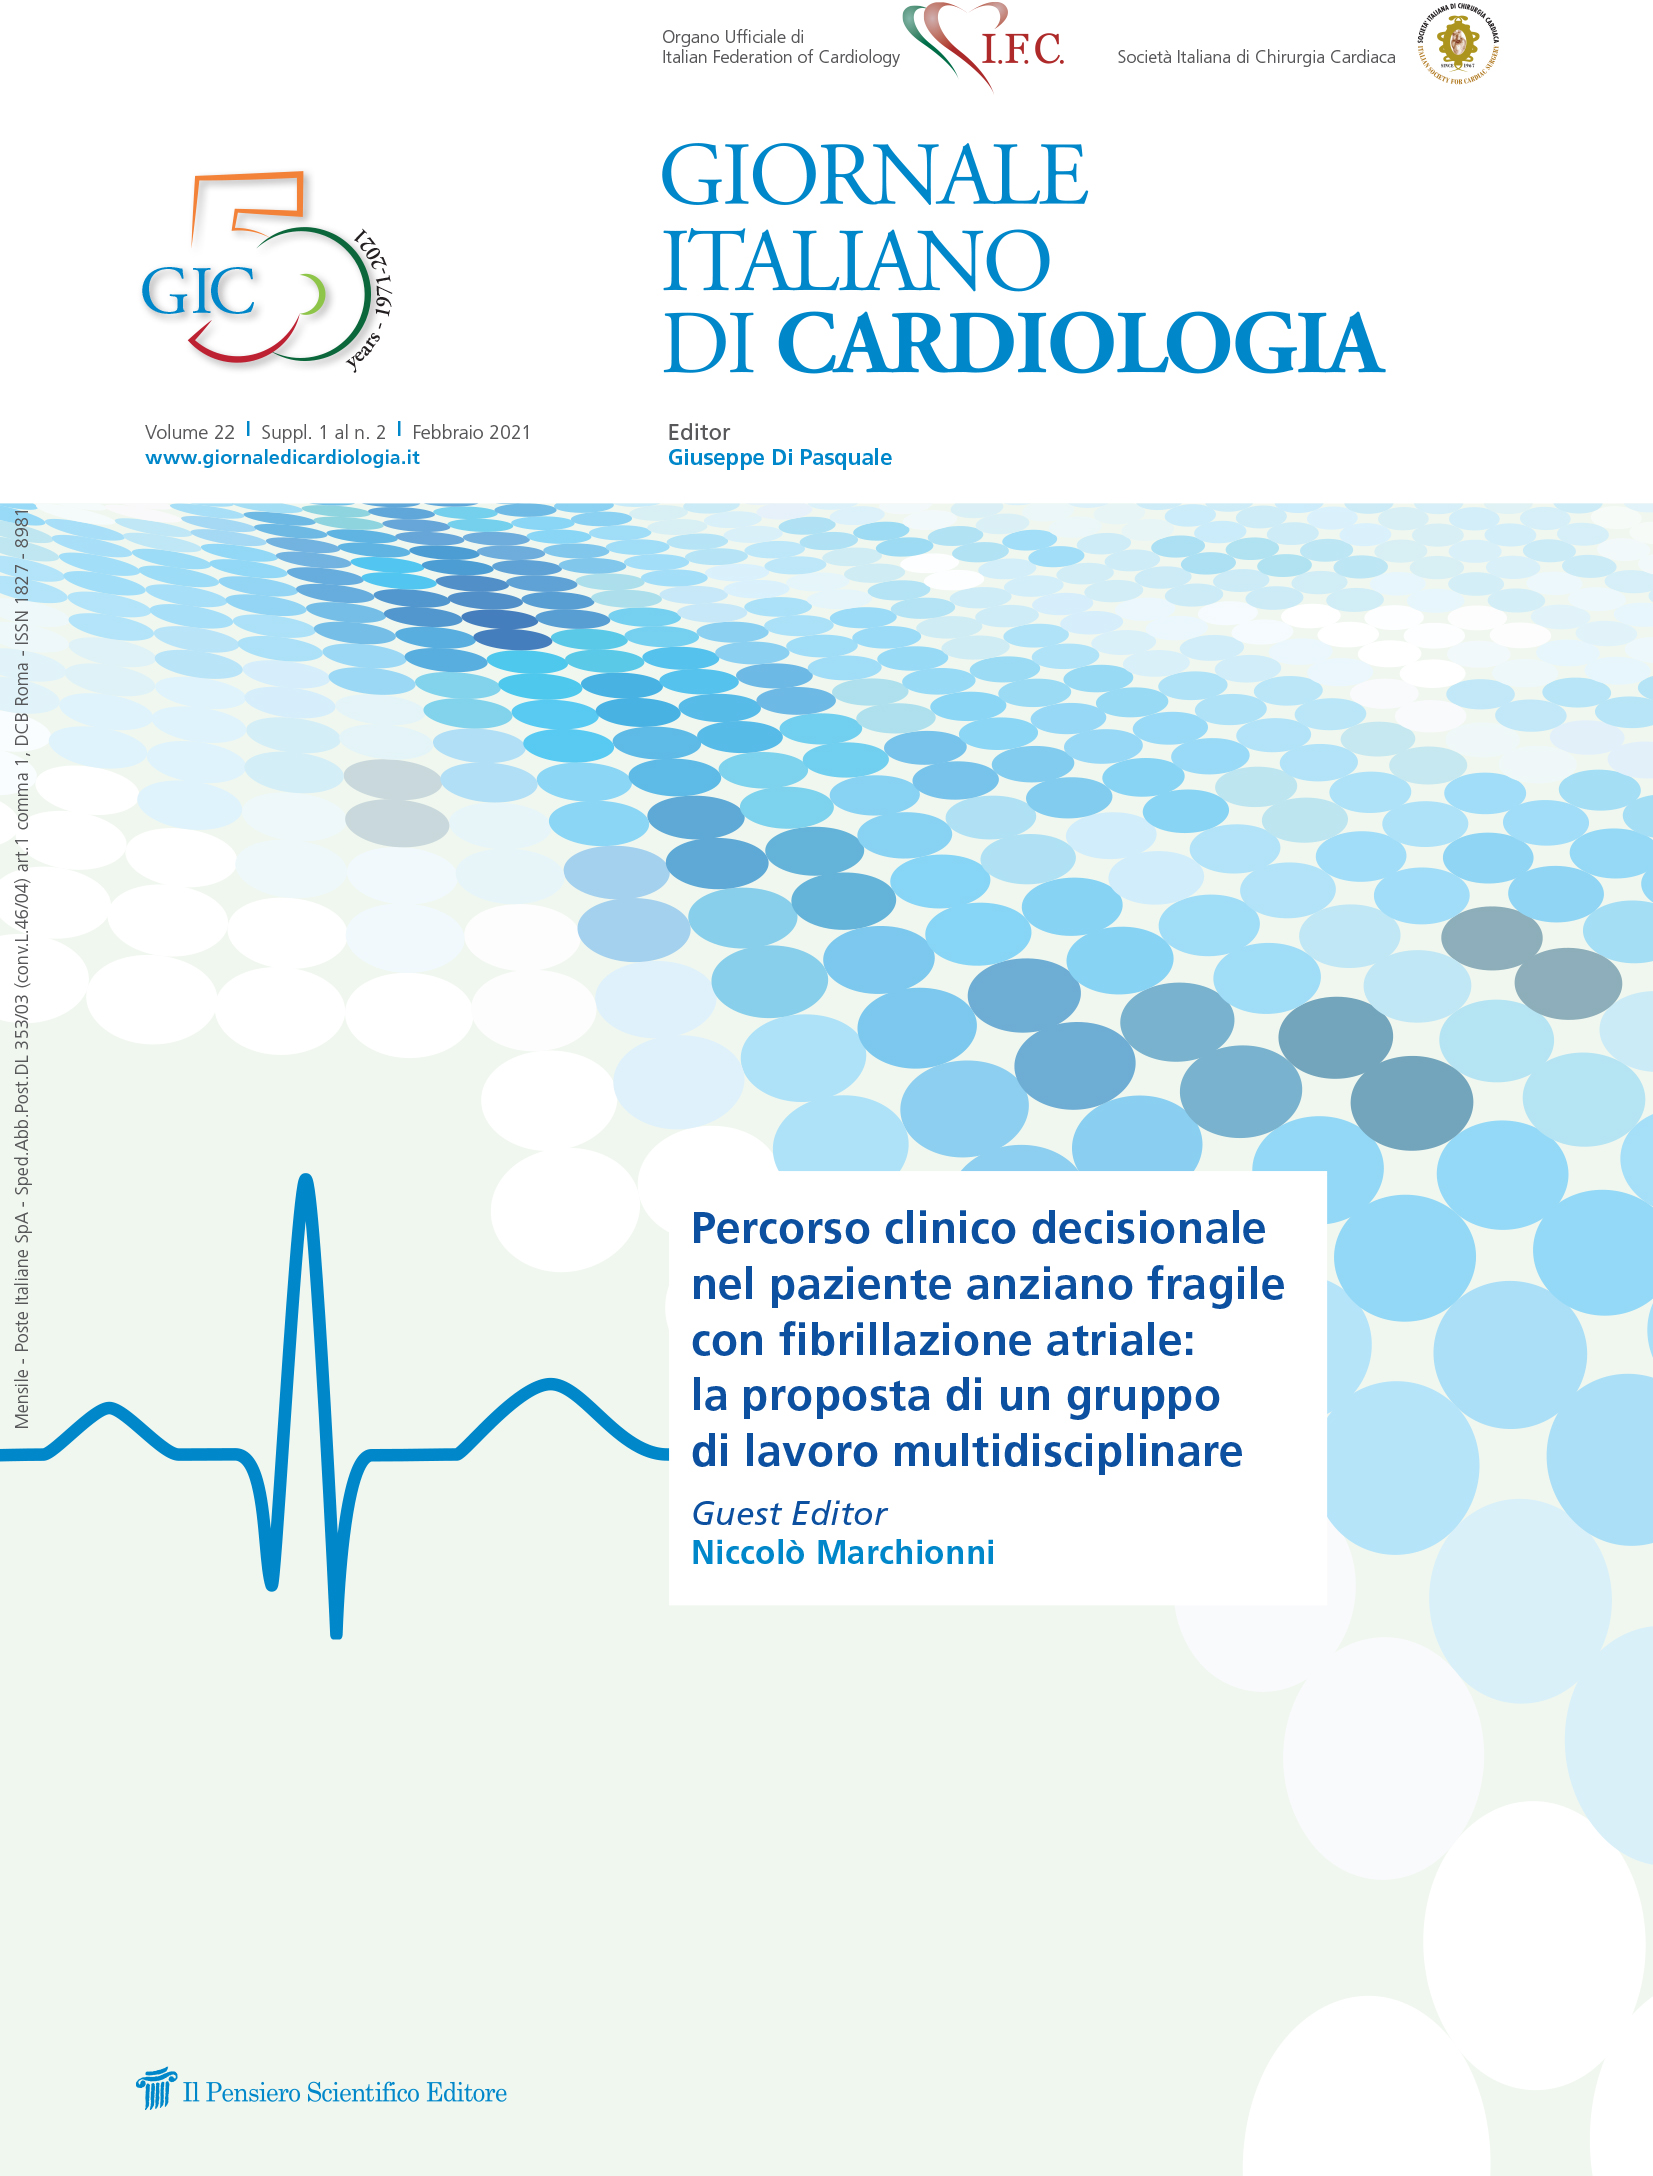 2021 Vol. 22 Suppl. 1 al N. 2 FebbraioPercorso clinico decisionale nel paziente anziano  fragile con fibrillazione atriale:  la proposta di un gruppo di lavoro multidisciplinare